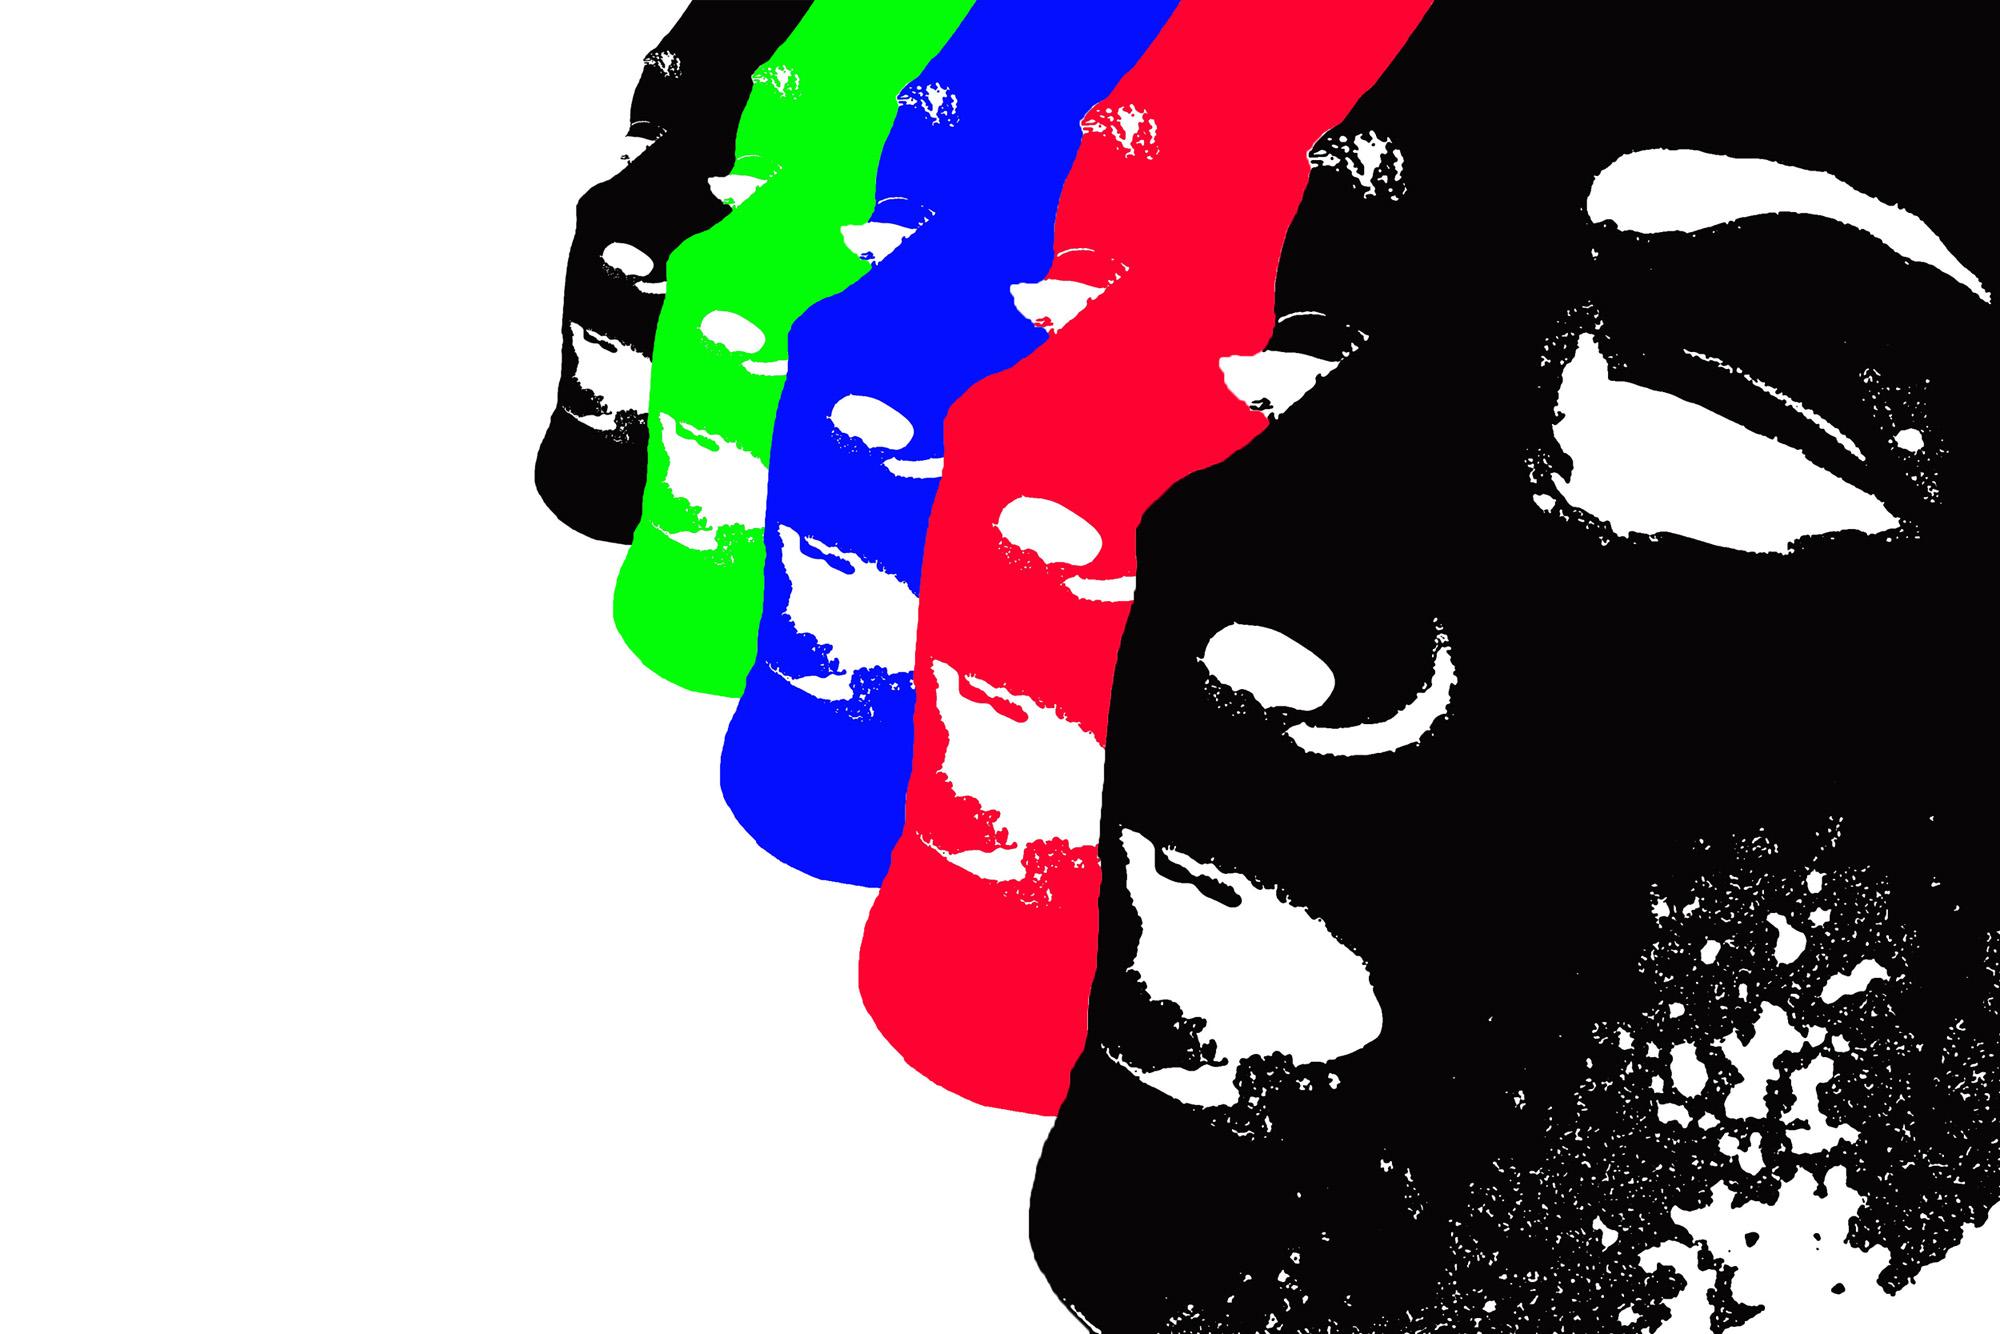 Colour Quintet